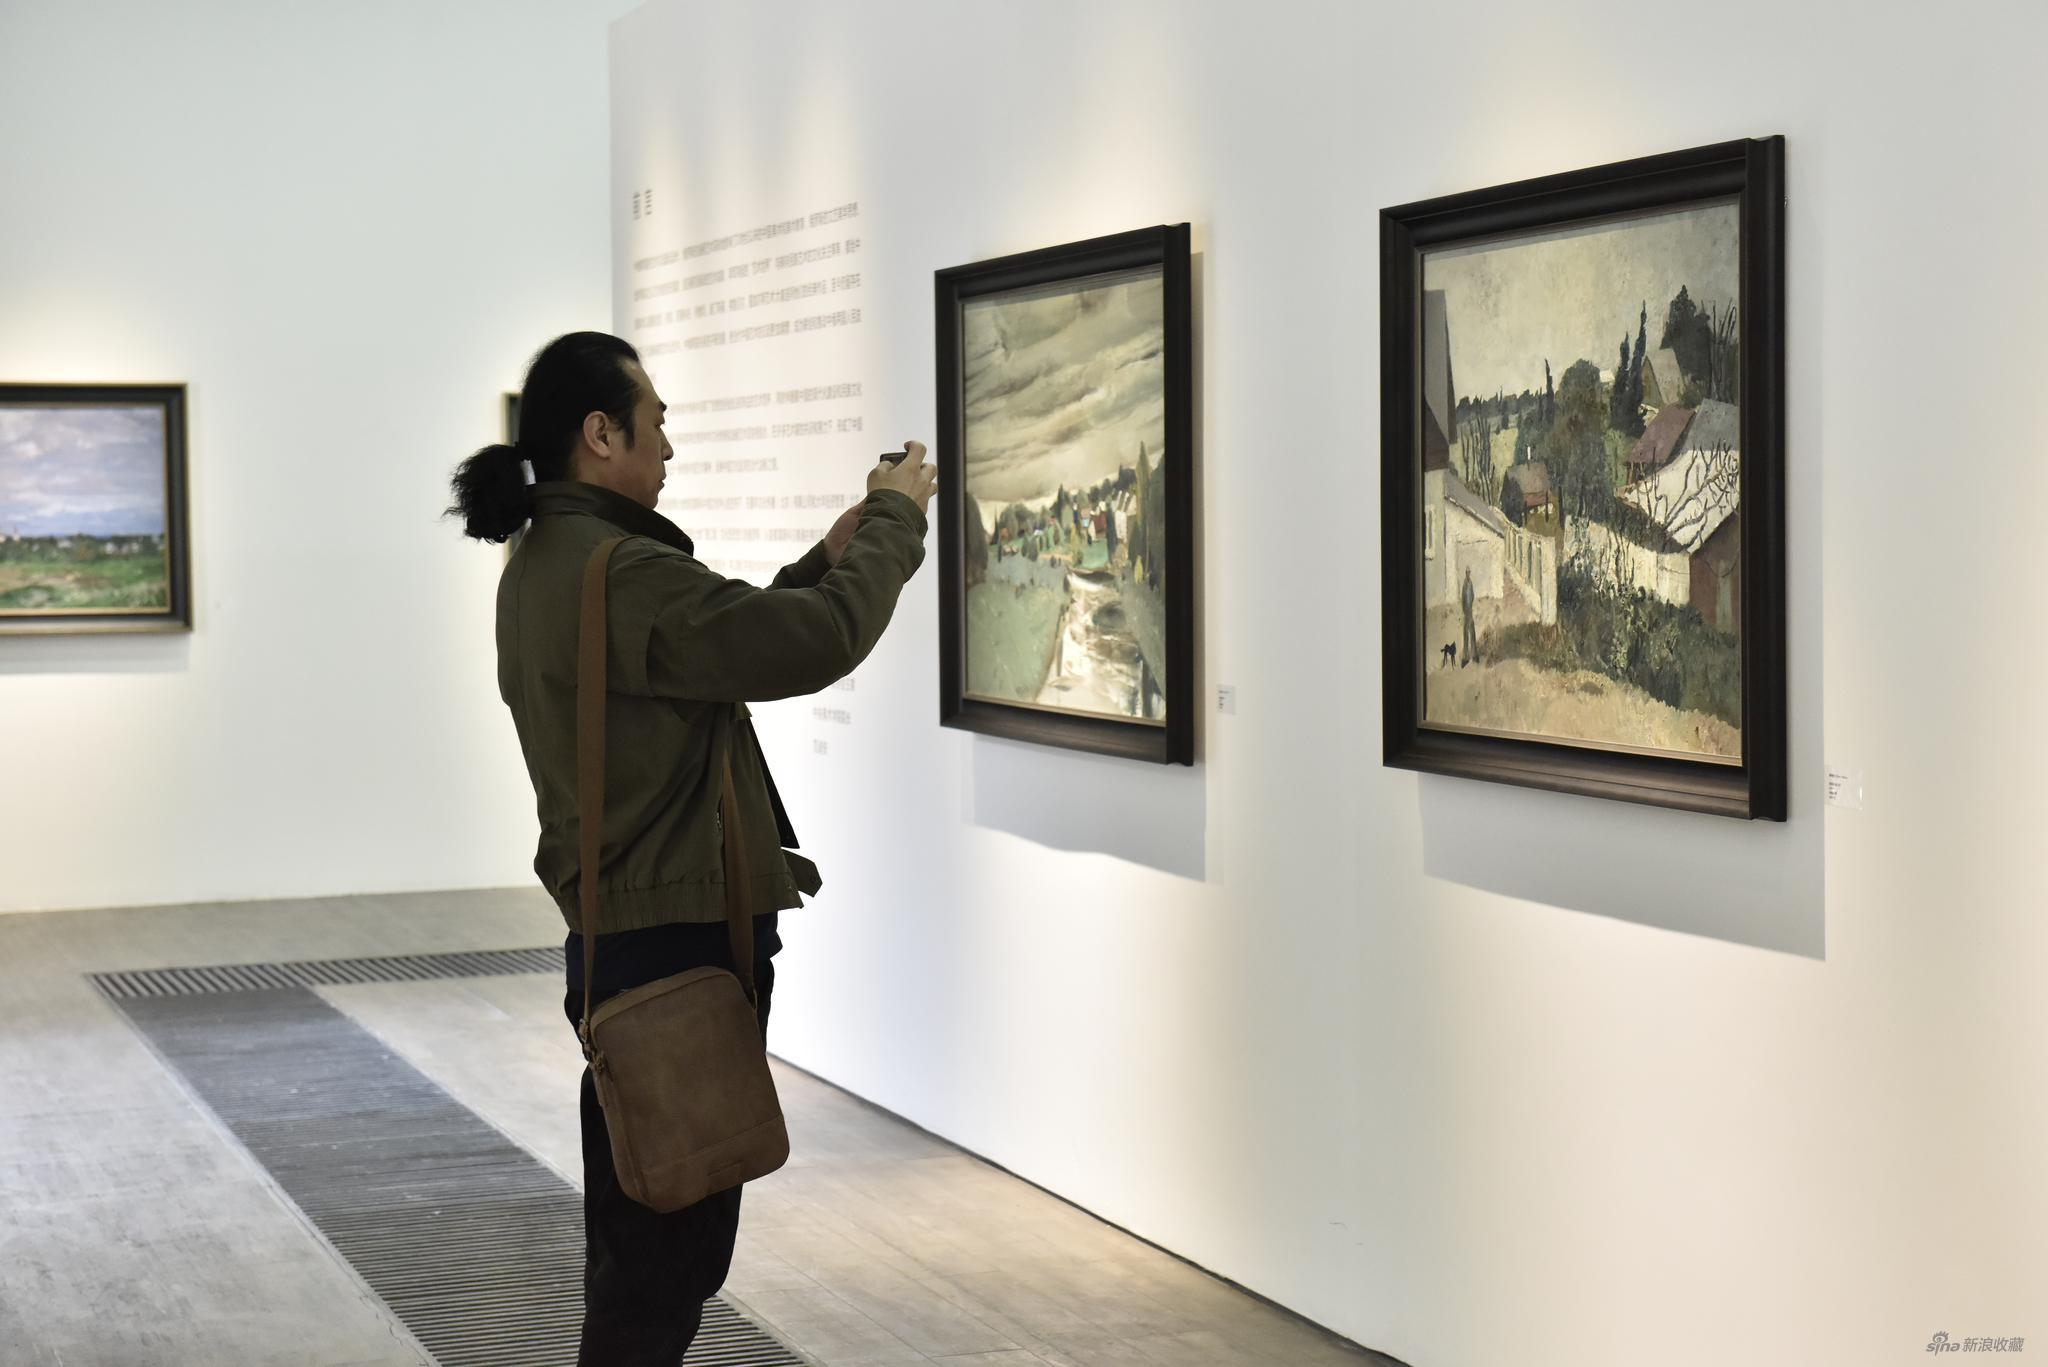 展览推荐丨中国写意油画学派2019俄罗斯写生回顾展